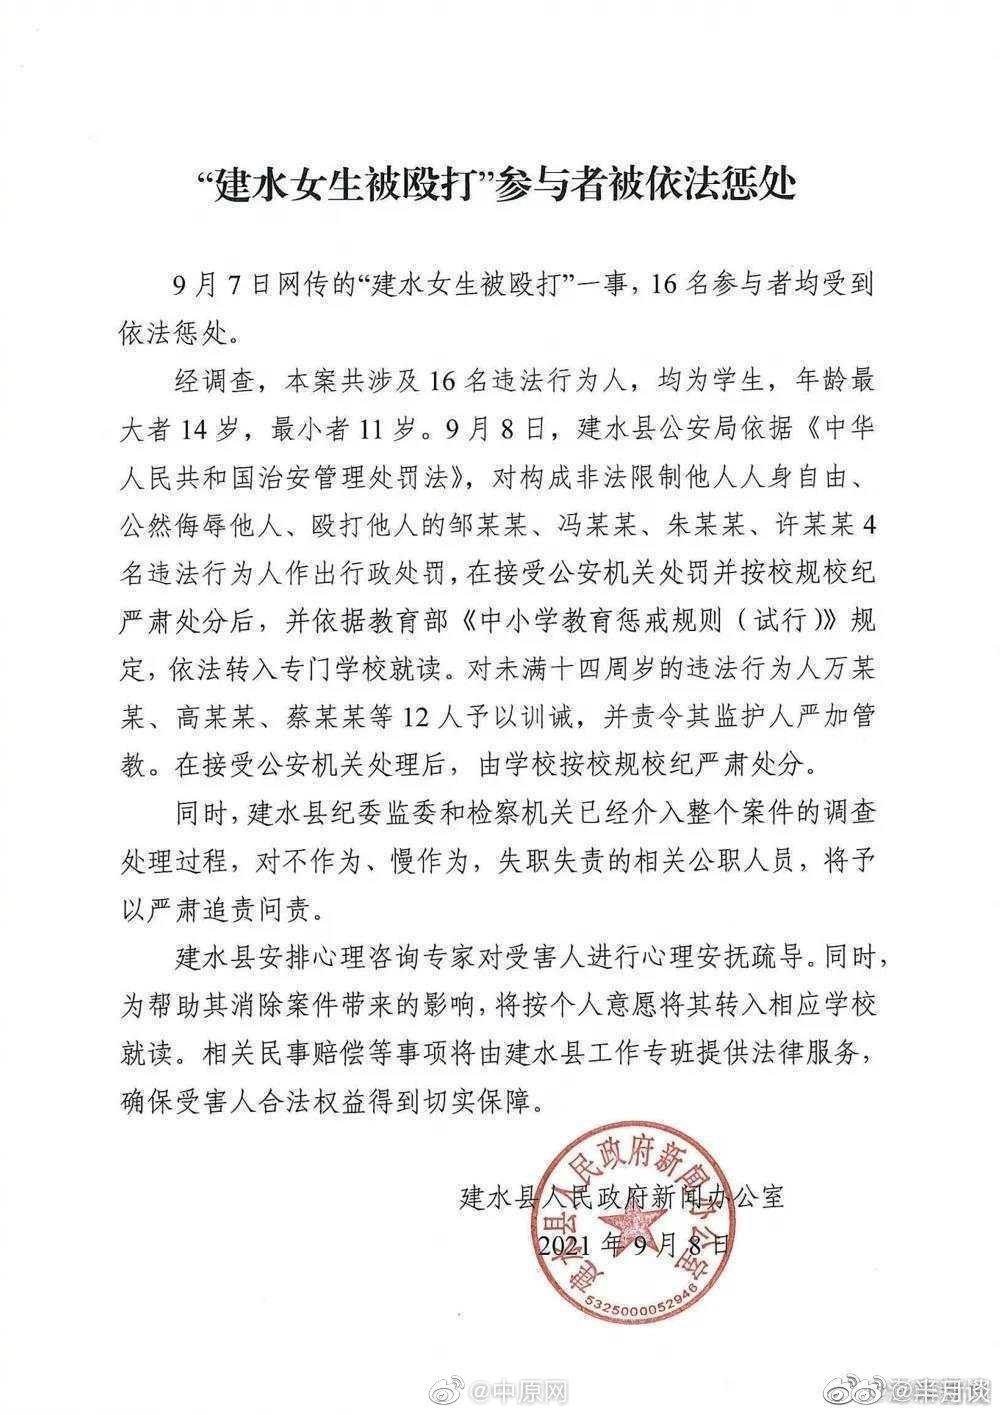 云南警方通报建水女生遭殴打:16人被惩处,纪监委和检察机关介入